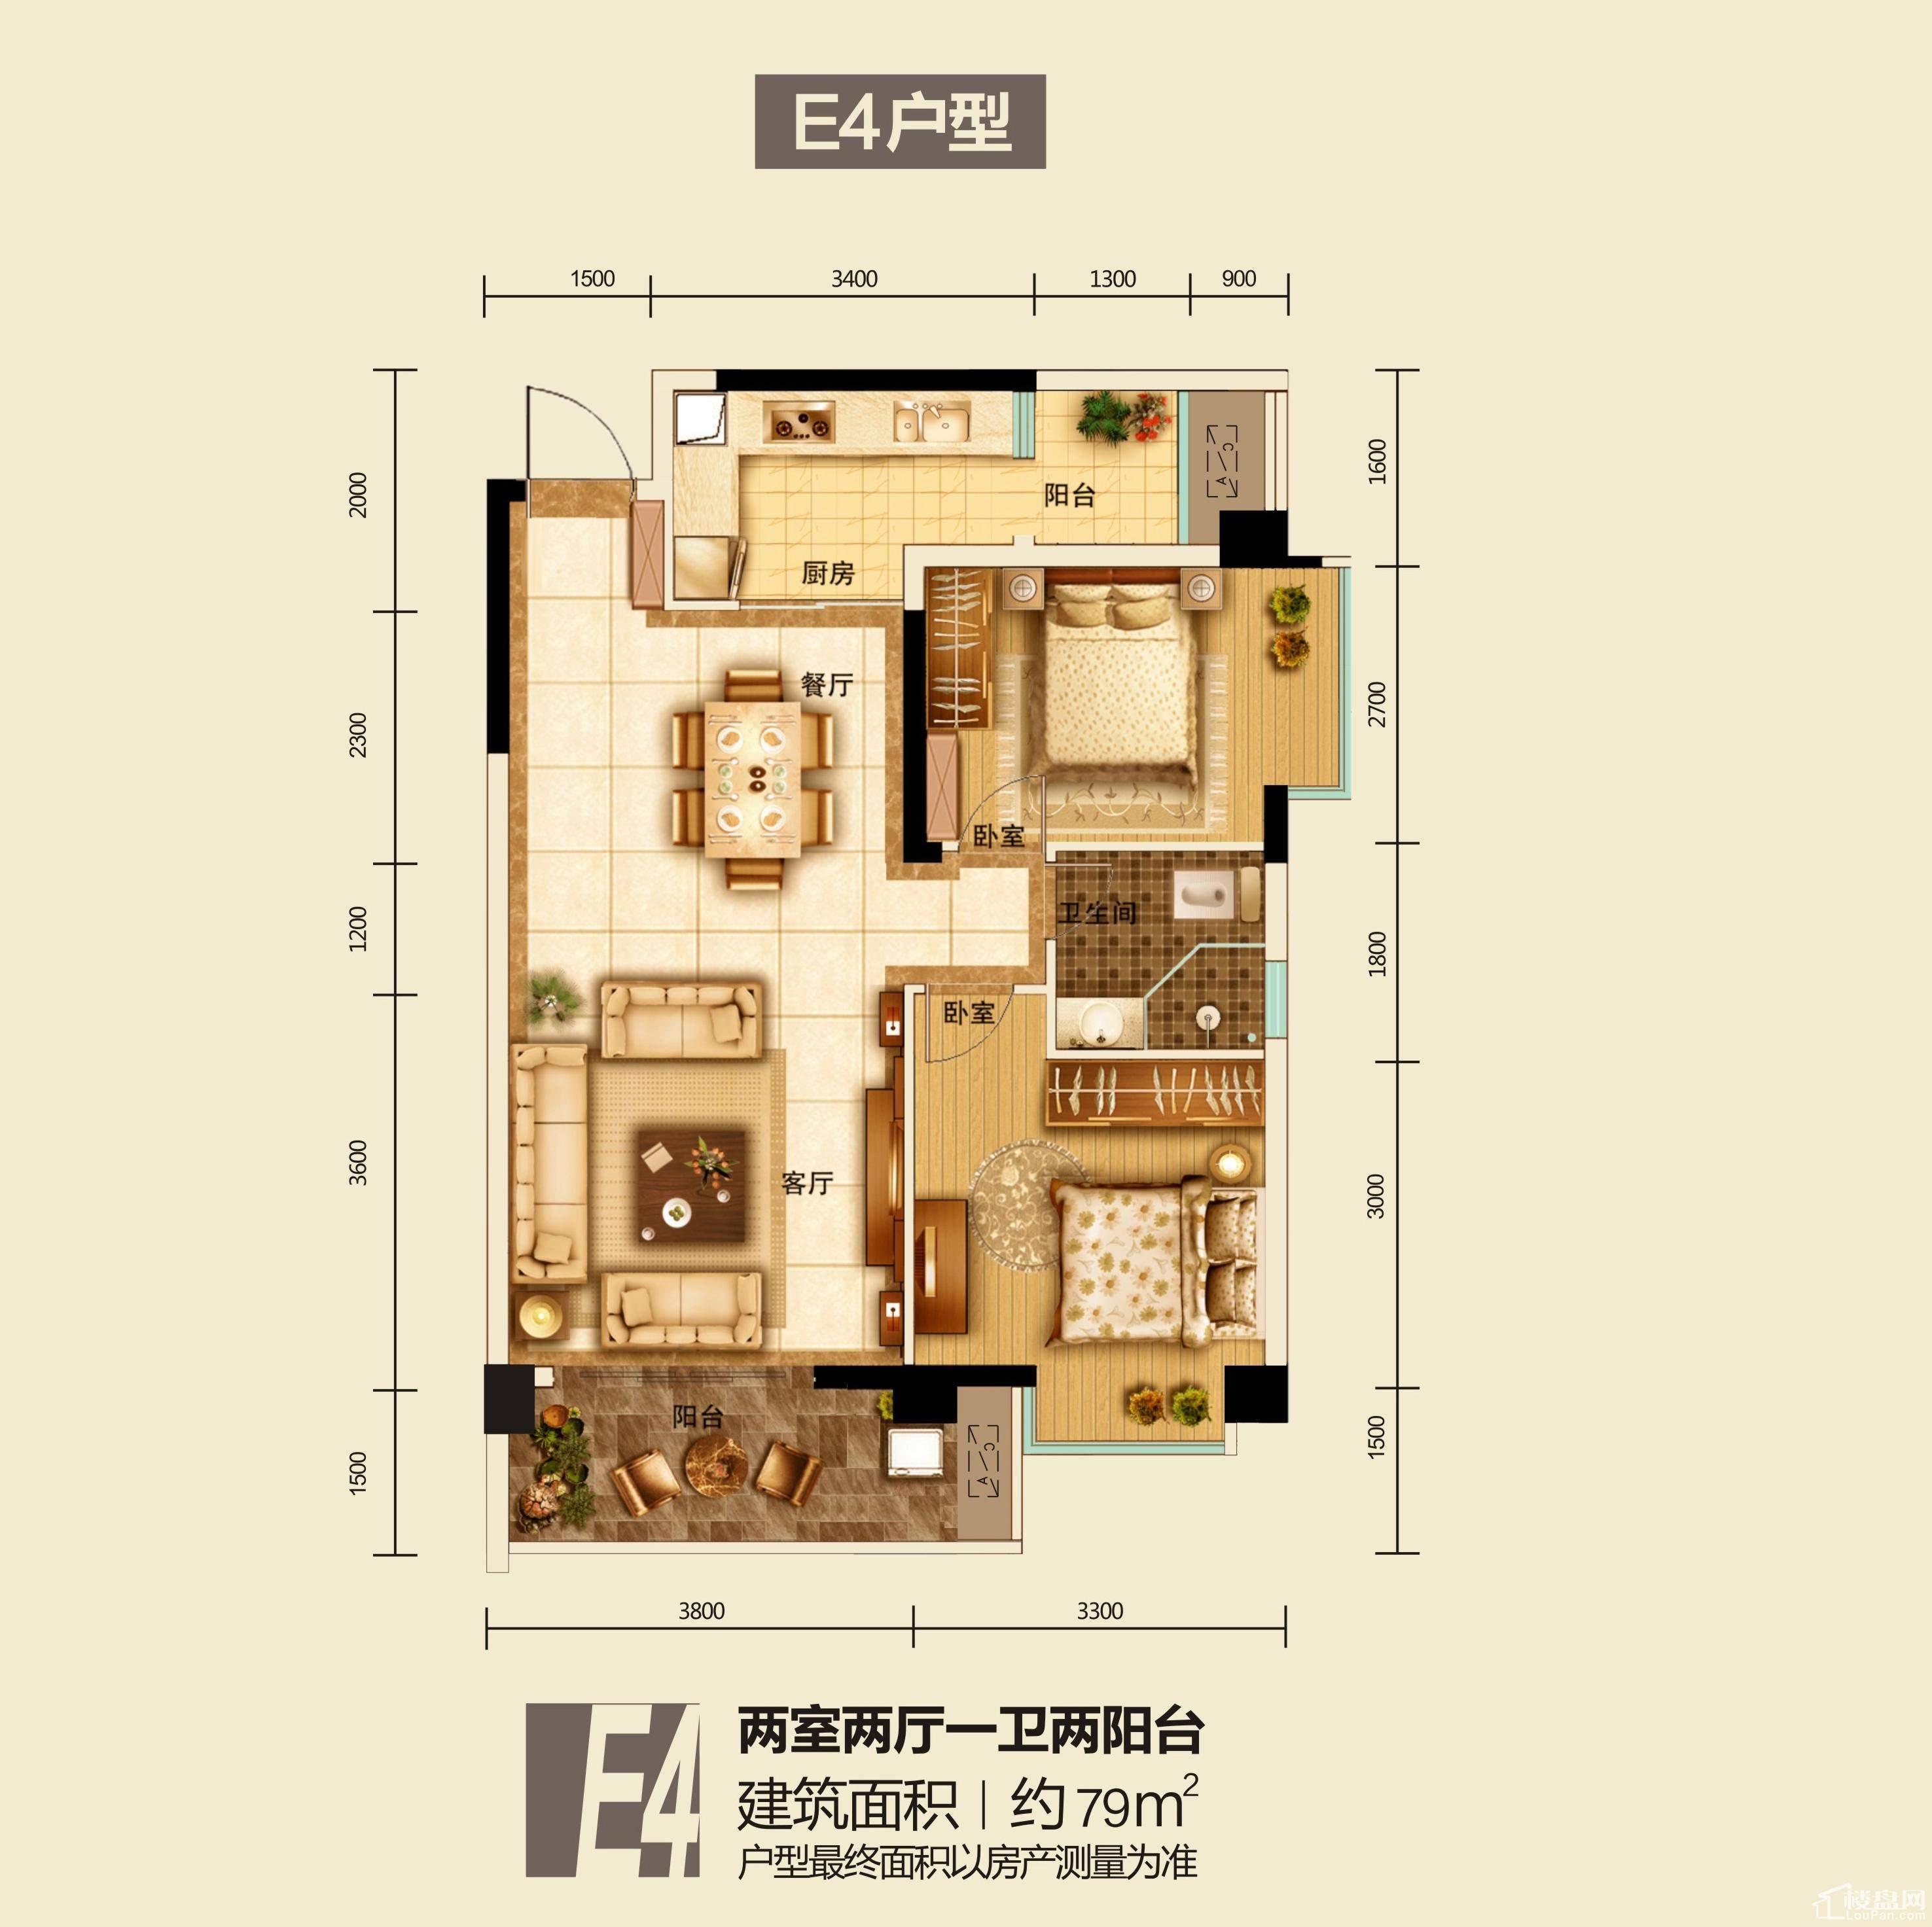 新长海广场户型E4